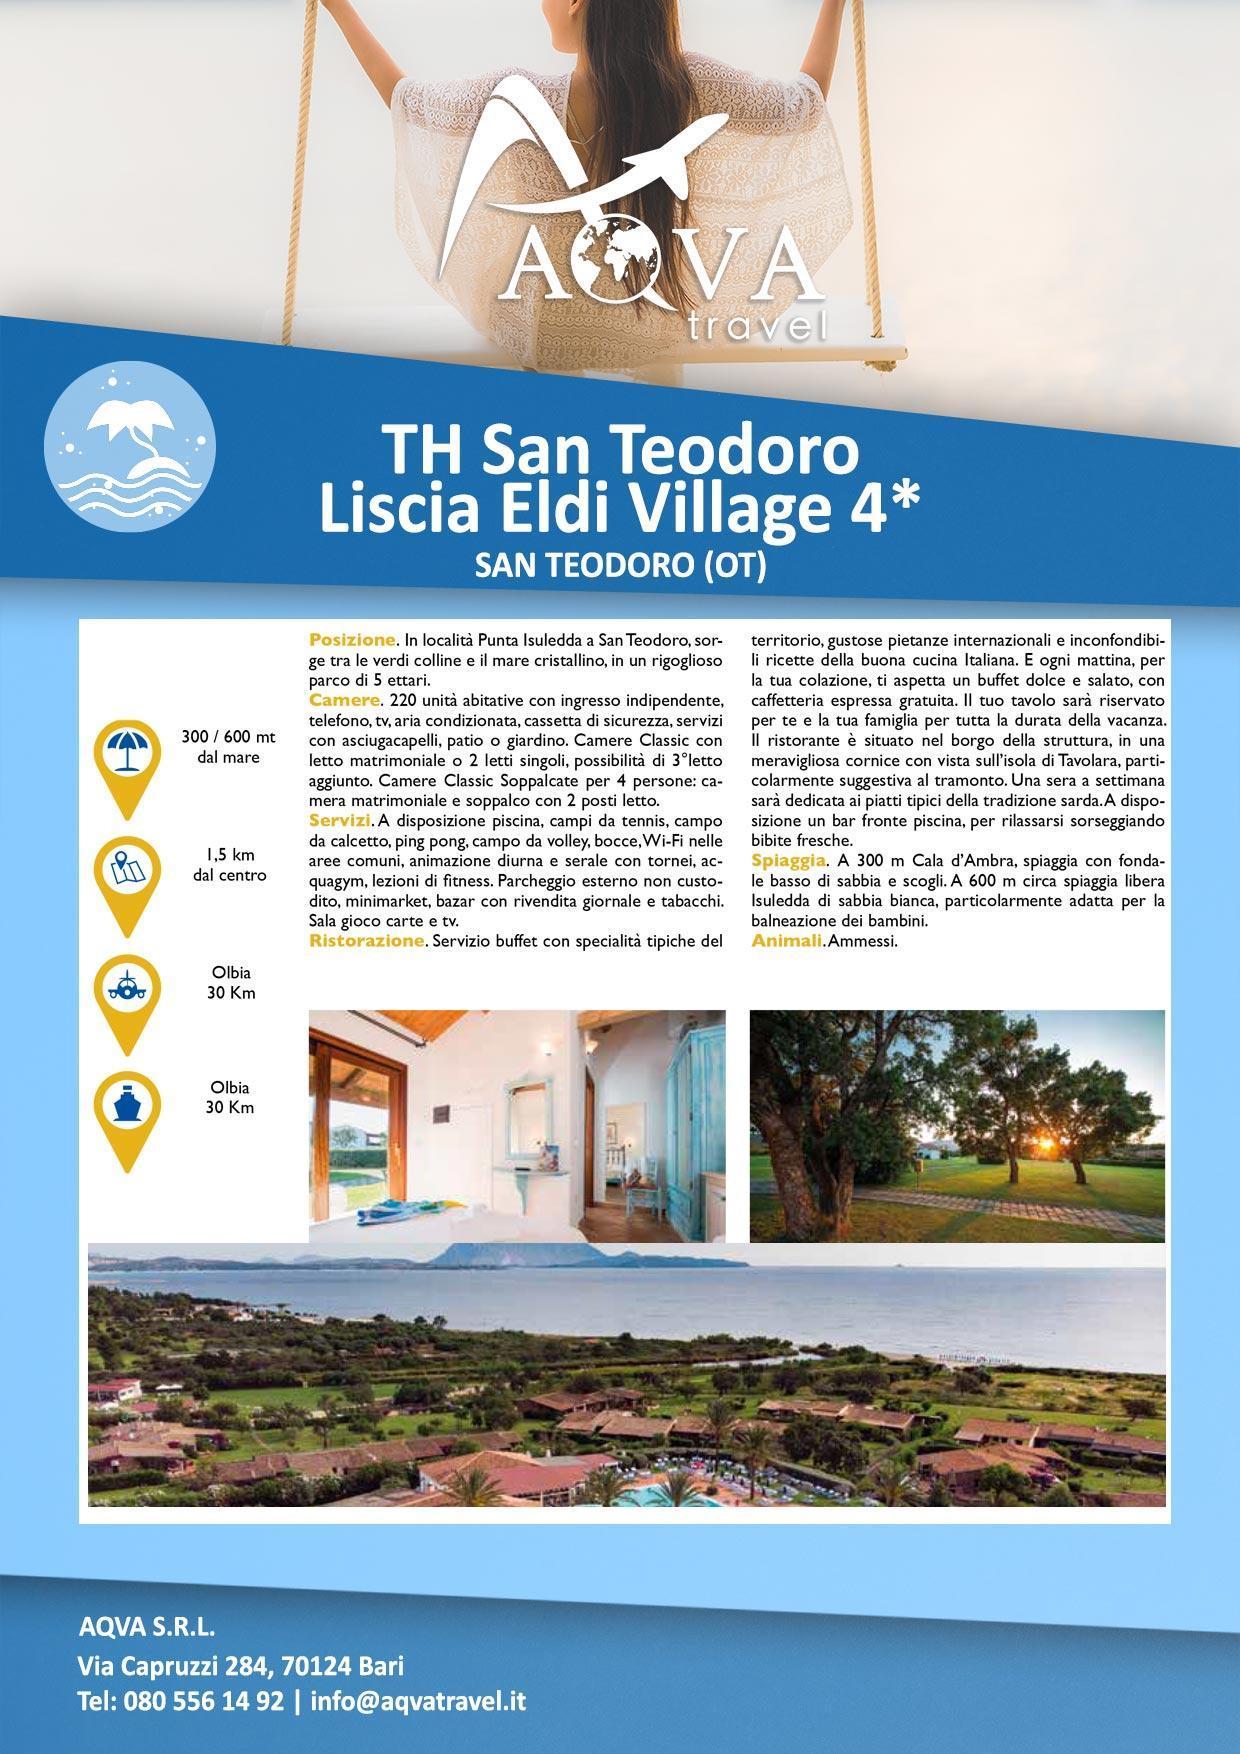 TH-San-Teodoro-Liscia-Eldi-Village--Mare-offerte-agenzia-di-viaggi-Bari-AQVATRAVEL-it